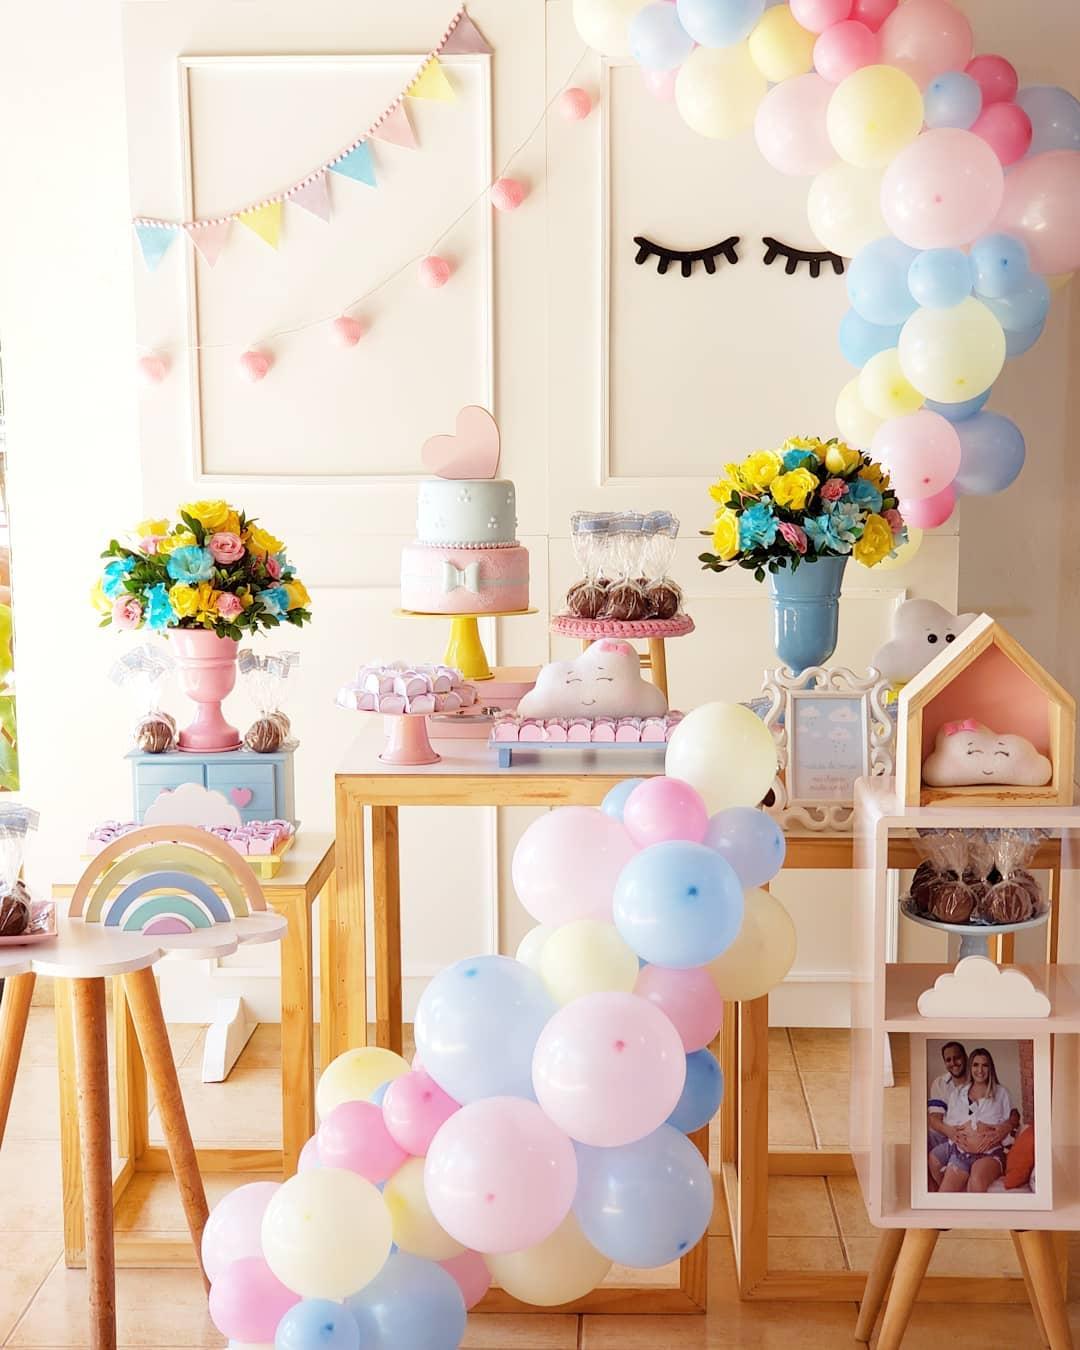 decoracao festa chuva amor simples